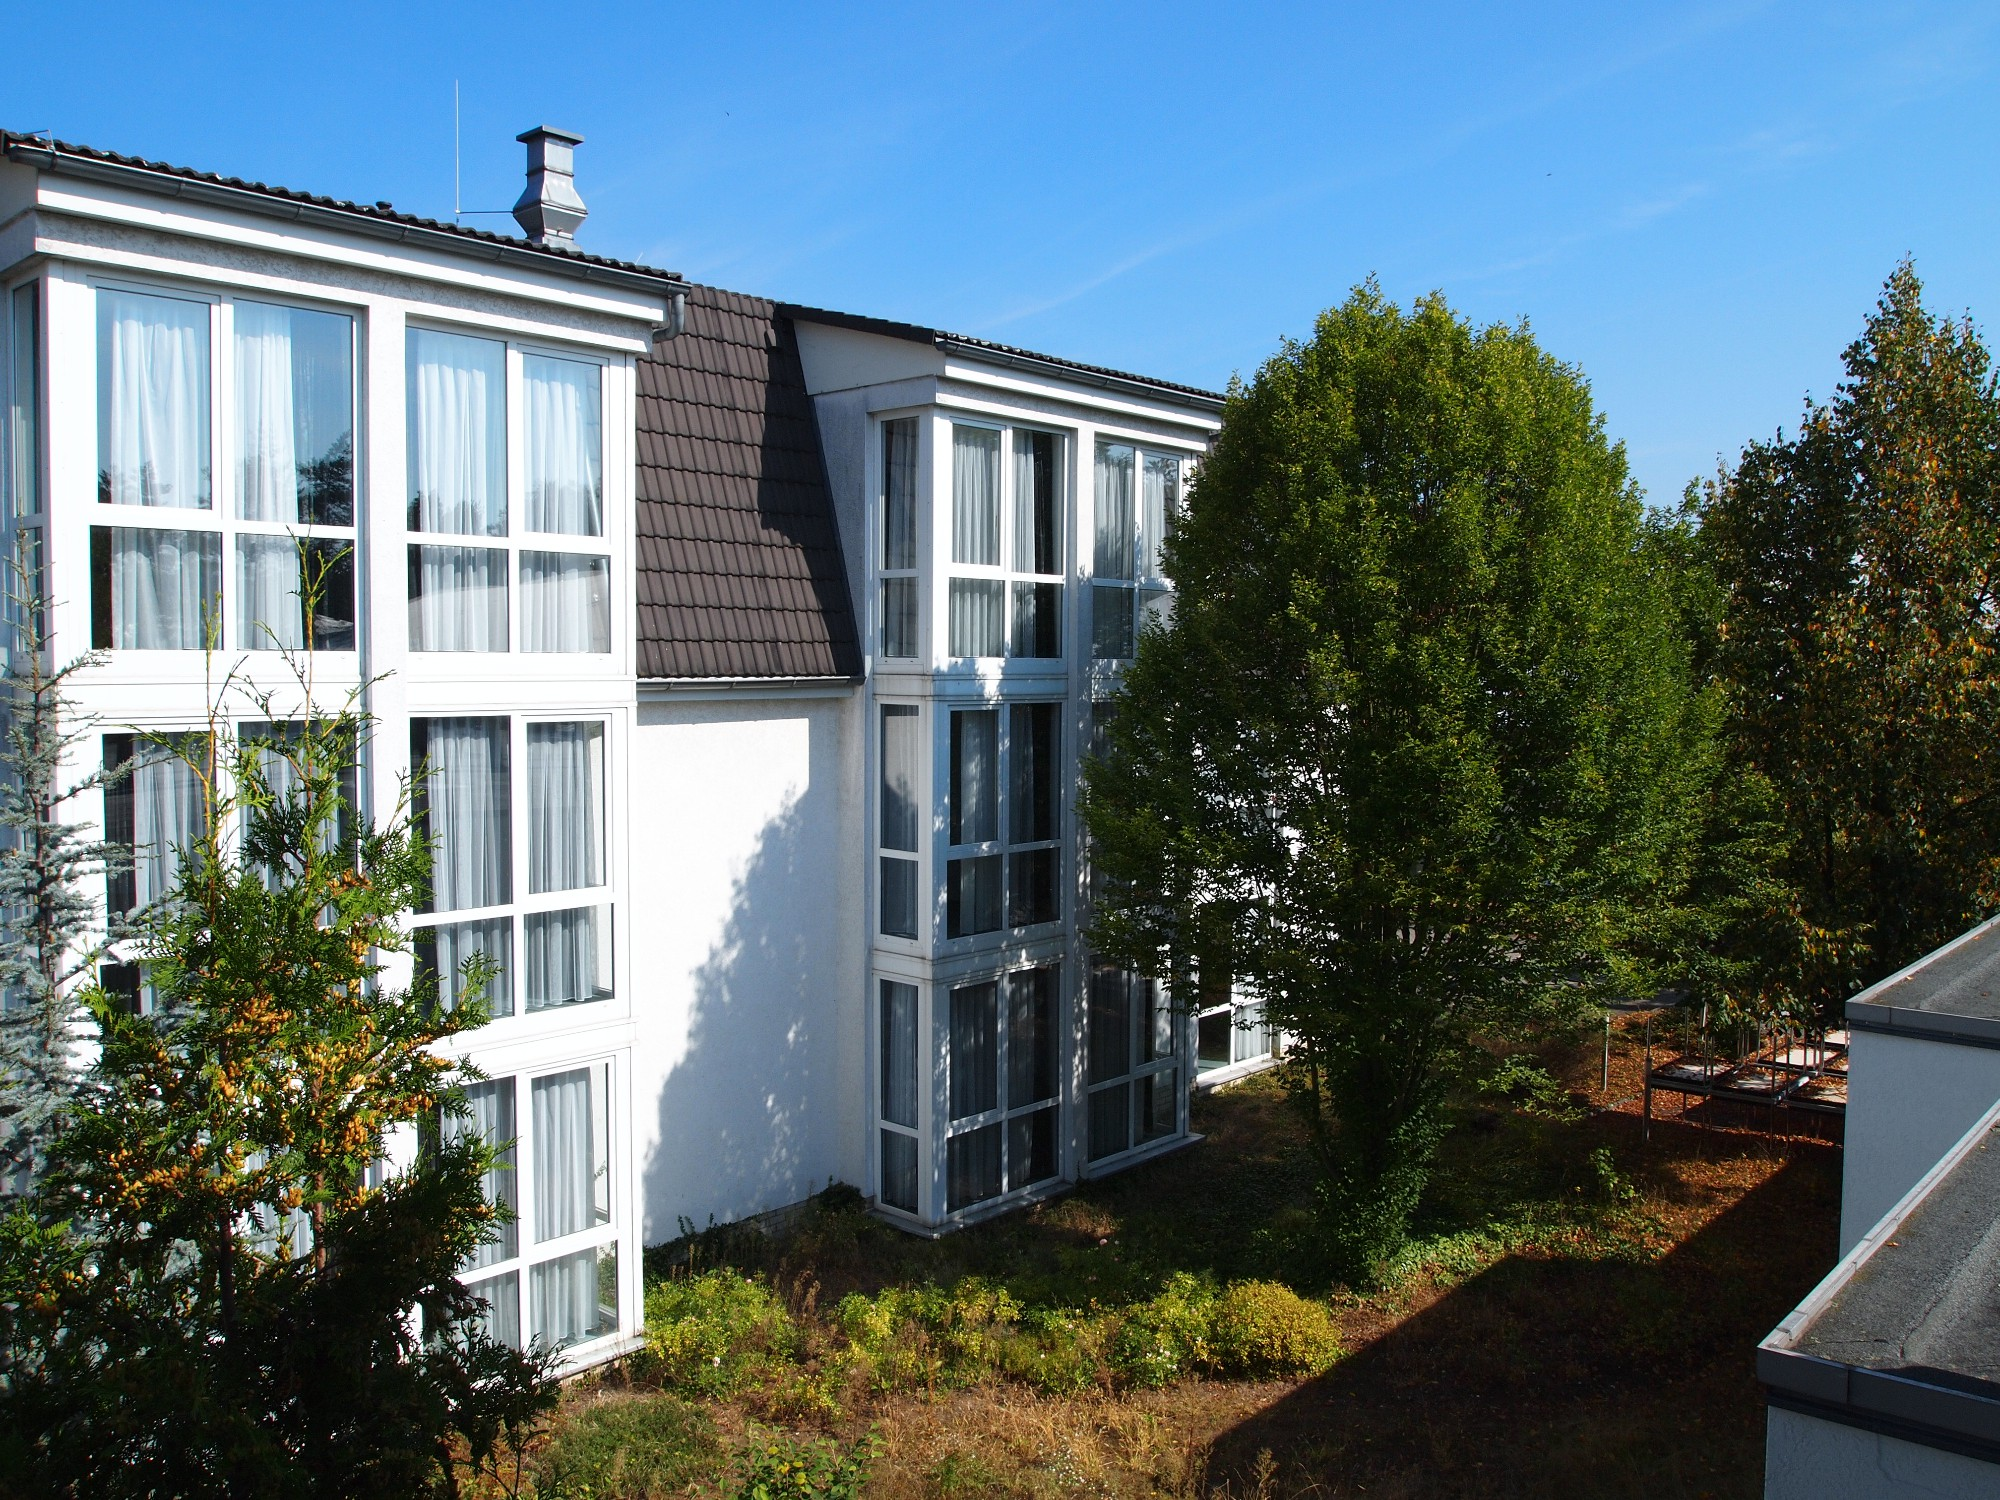 advita haus waldhotel in weinb hla auf wohnen im. Black Bedroom Furniture Sets. Home Design Ideas